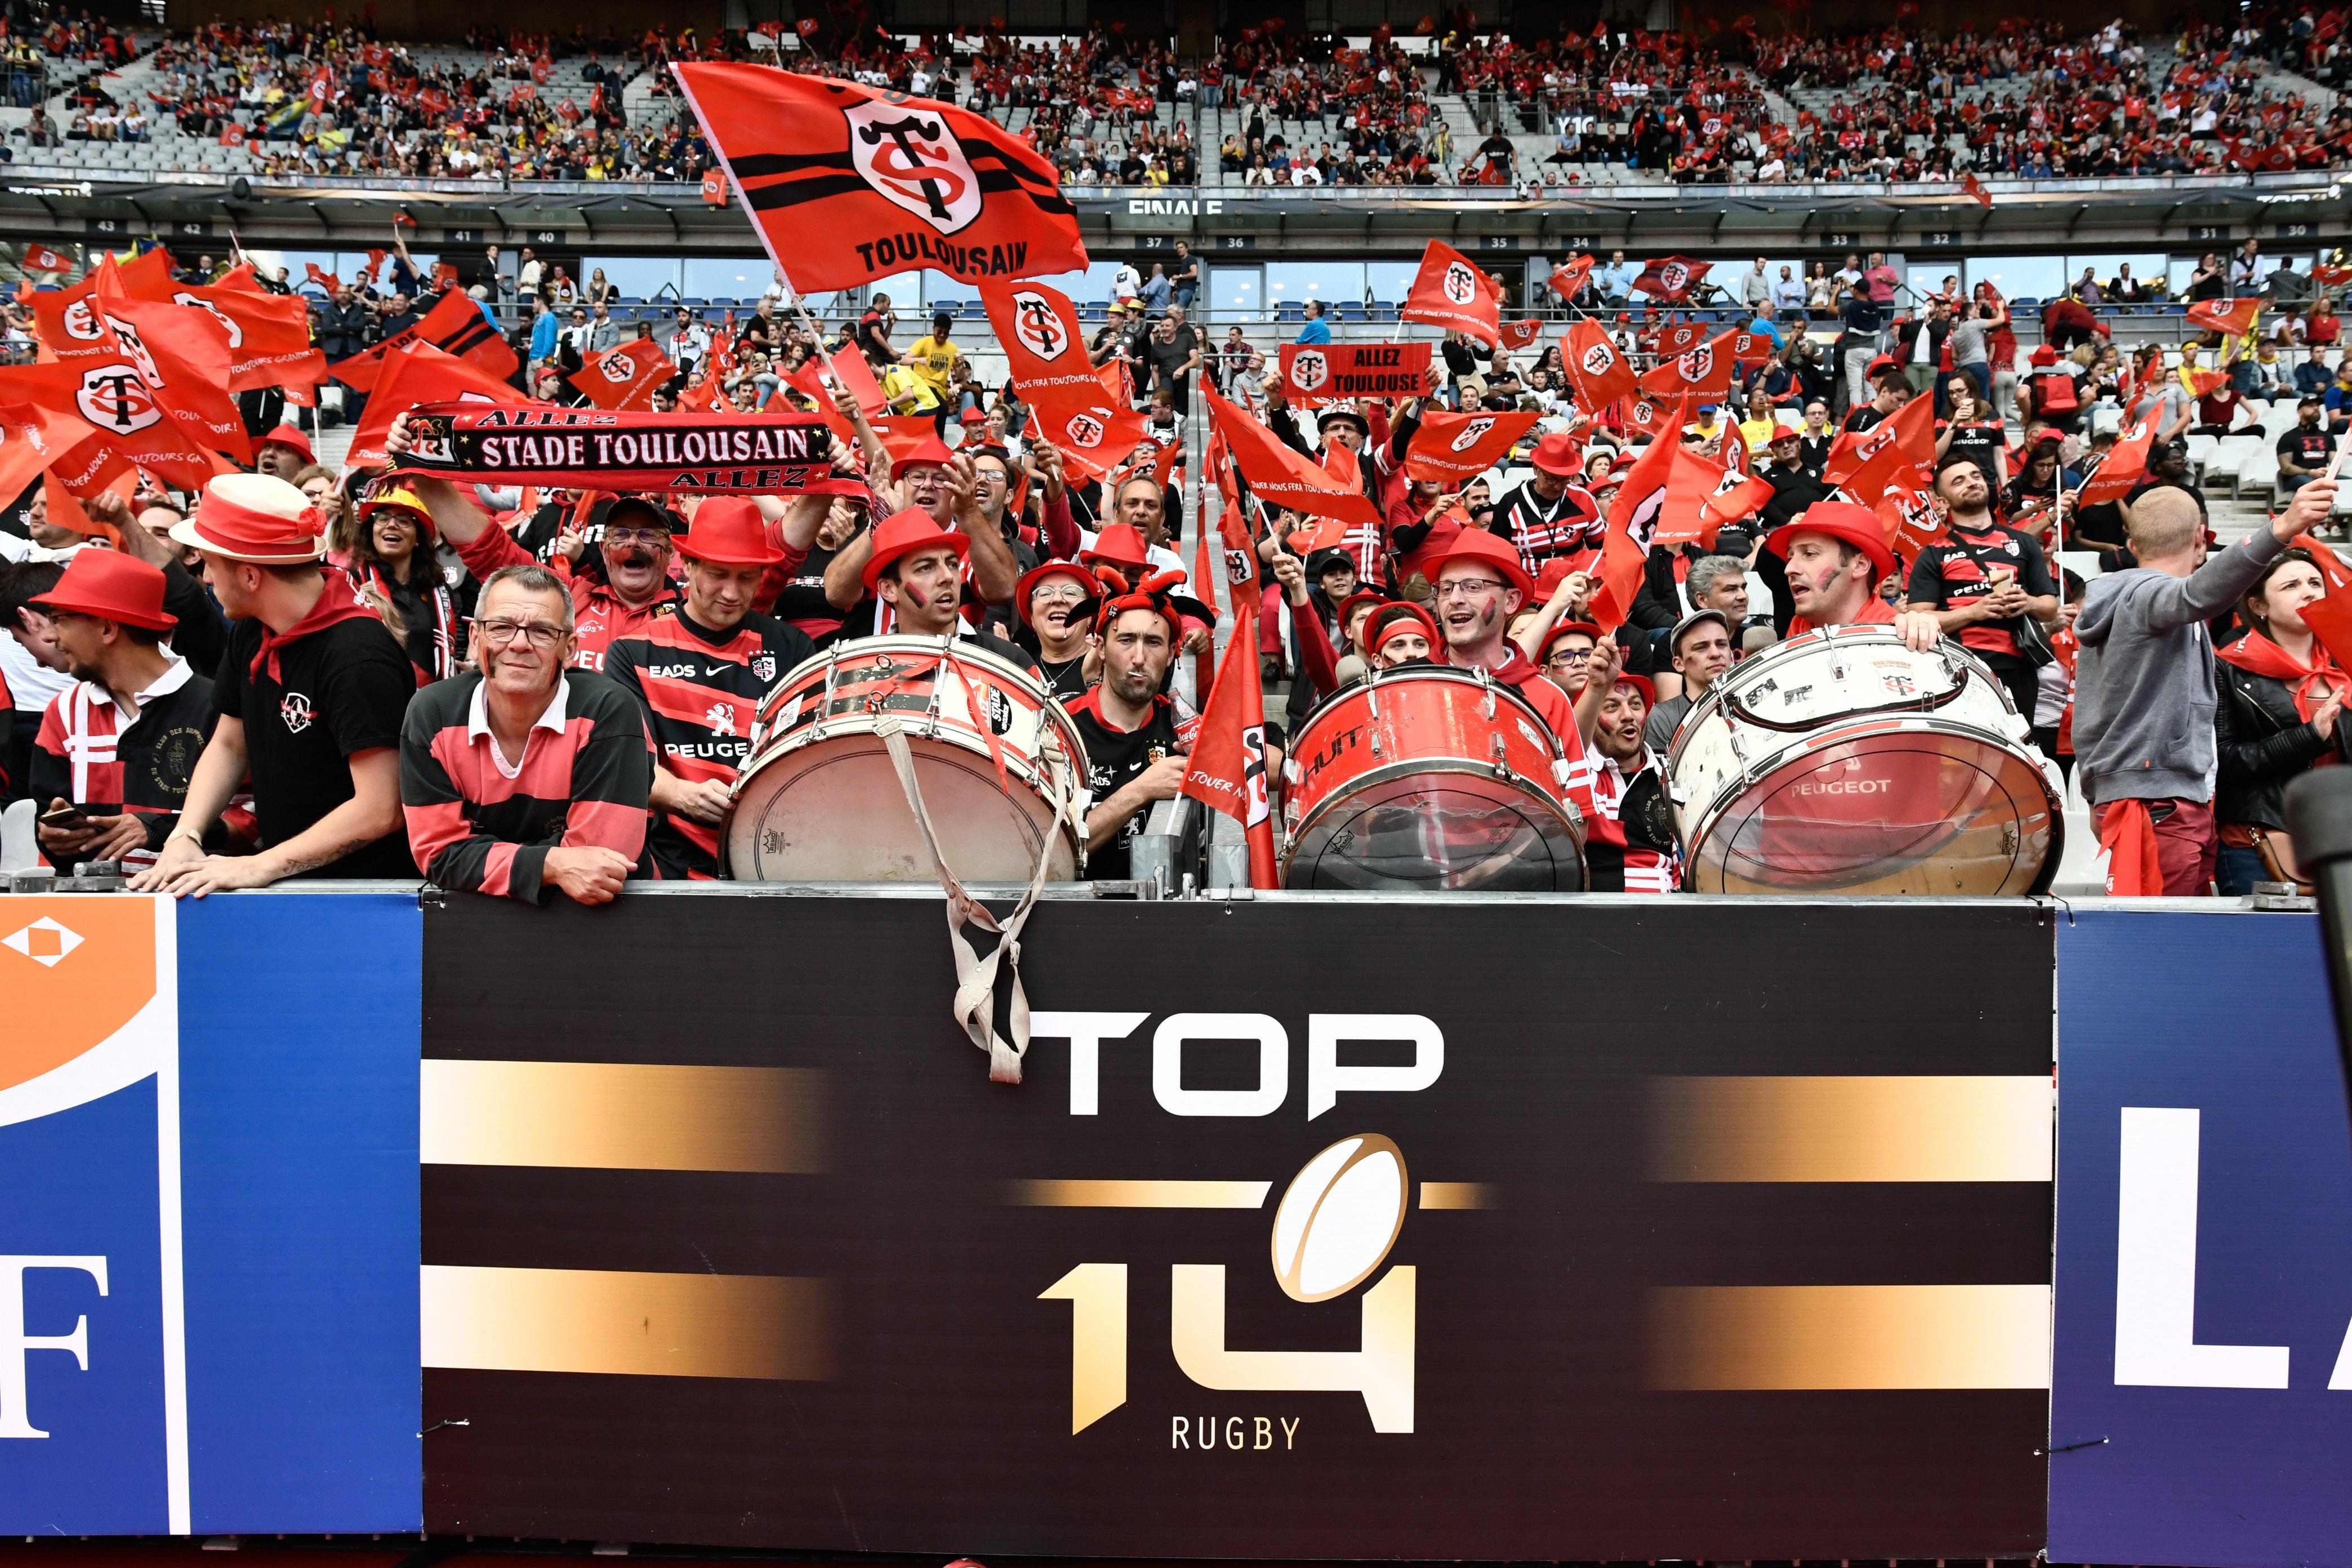 Rugby - Top 14 - Le rugby professionnel espère rouvrir ses stades en septembre avec du public